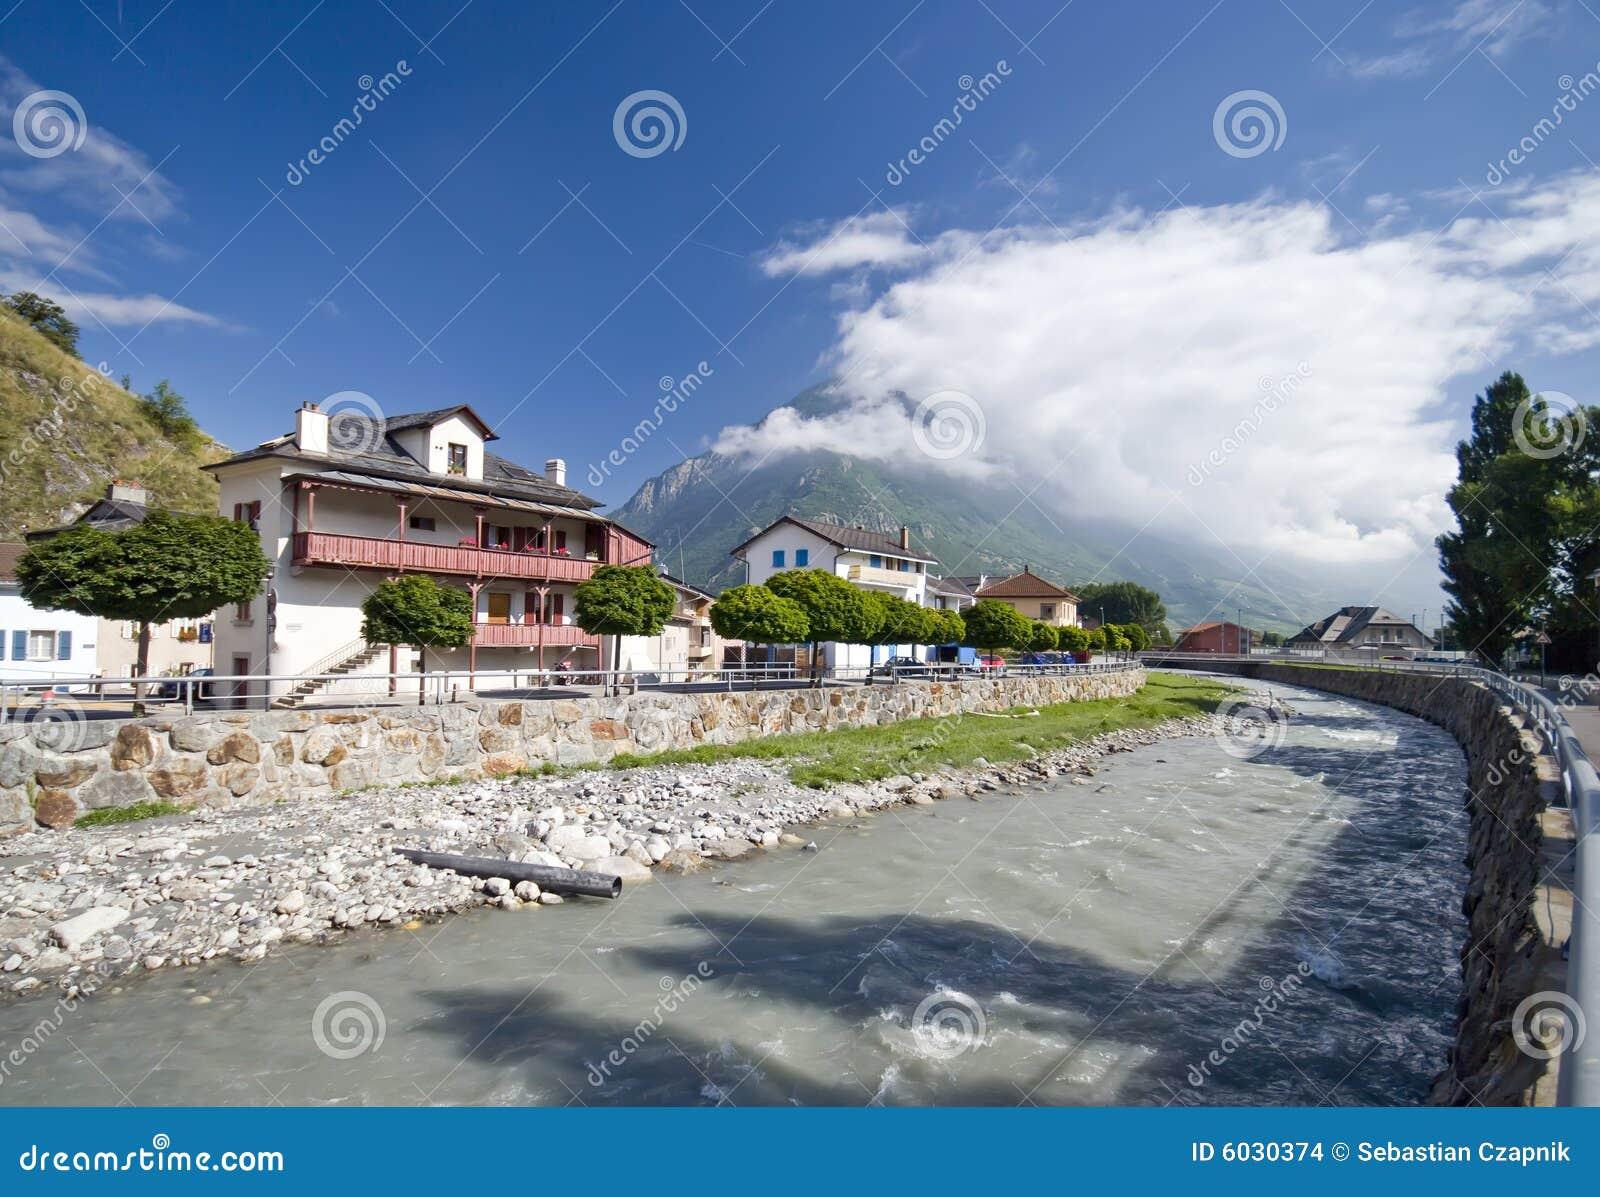 The Rhone river in Martigny